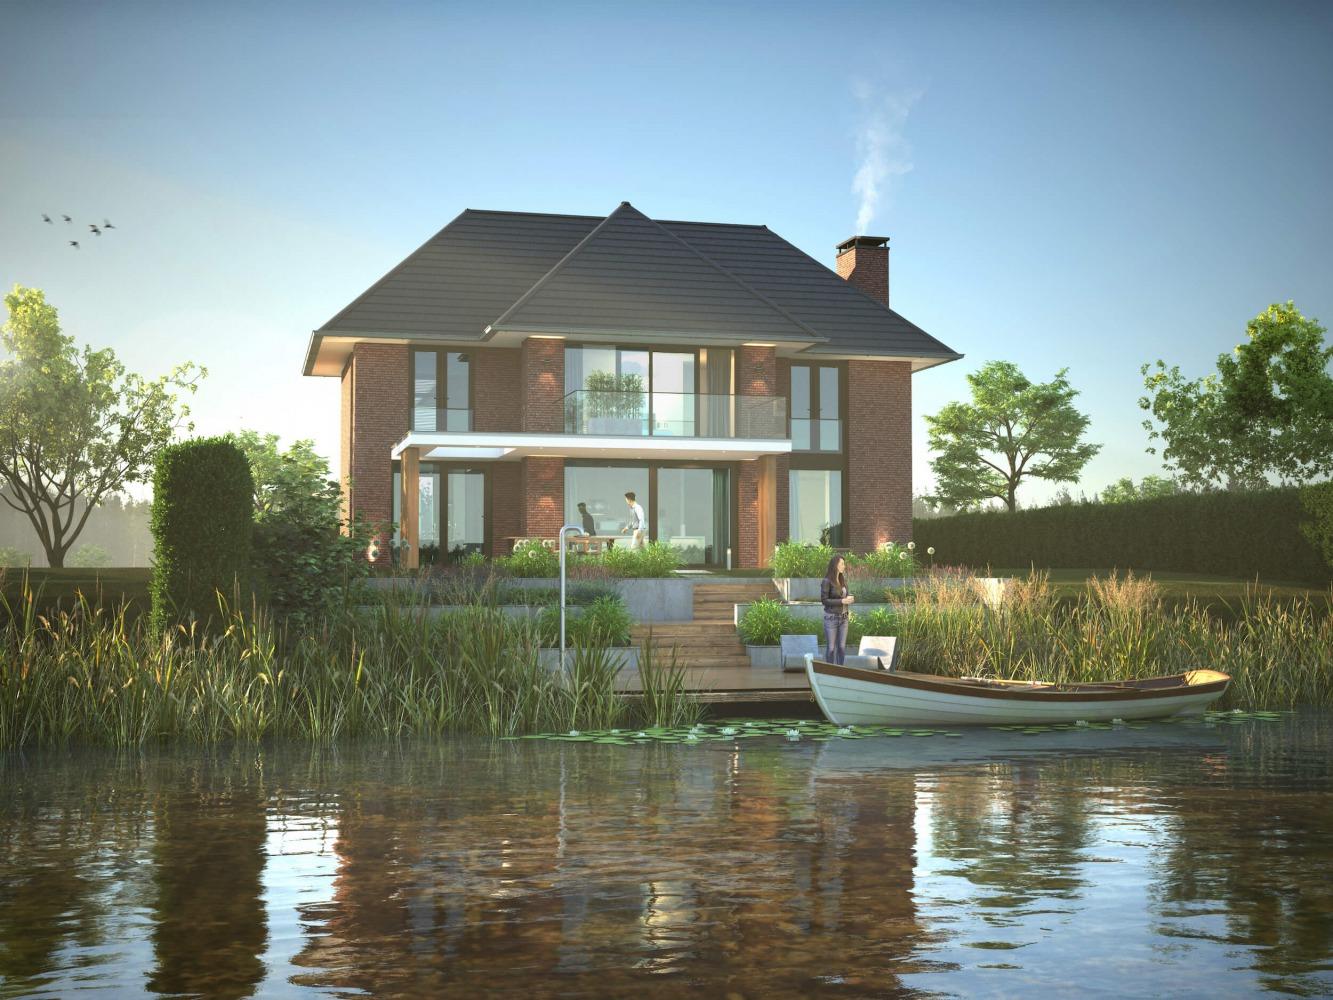 Project villa design by dutch architect Bob Romijnders